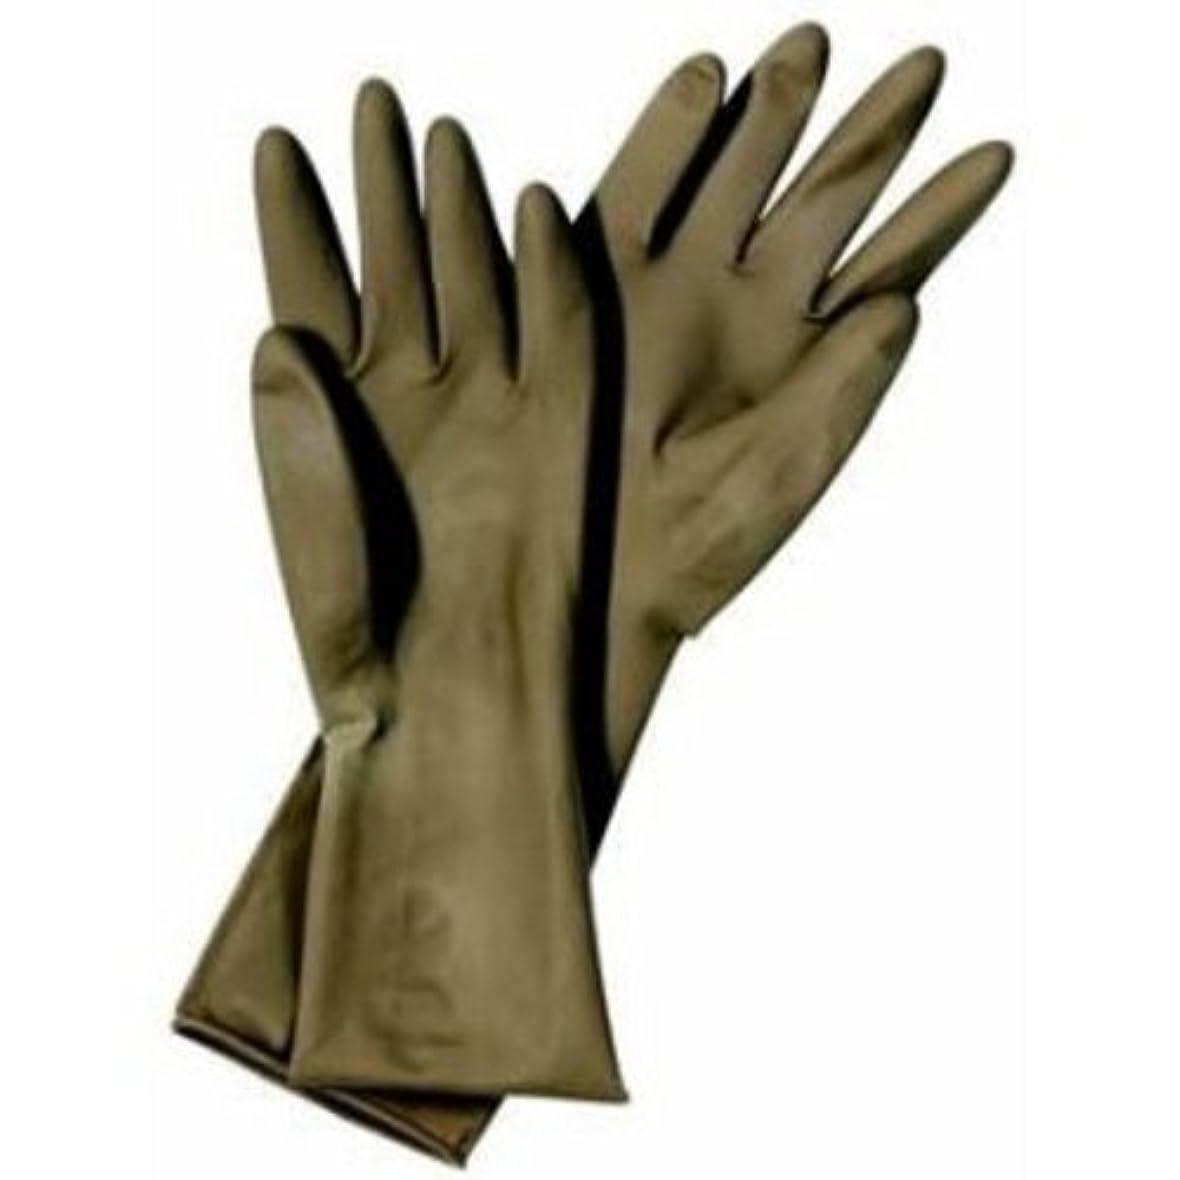 失業者呪われたまつげマタドール ゴム手袋 7.5インチ